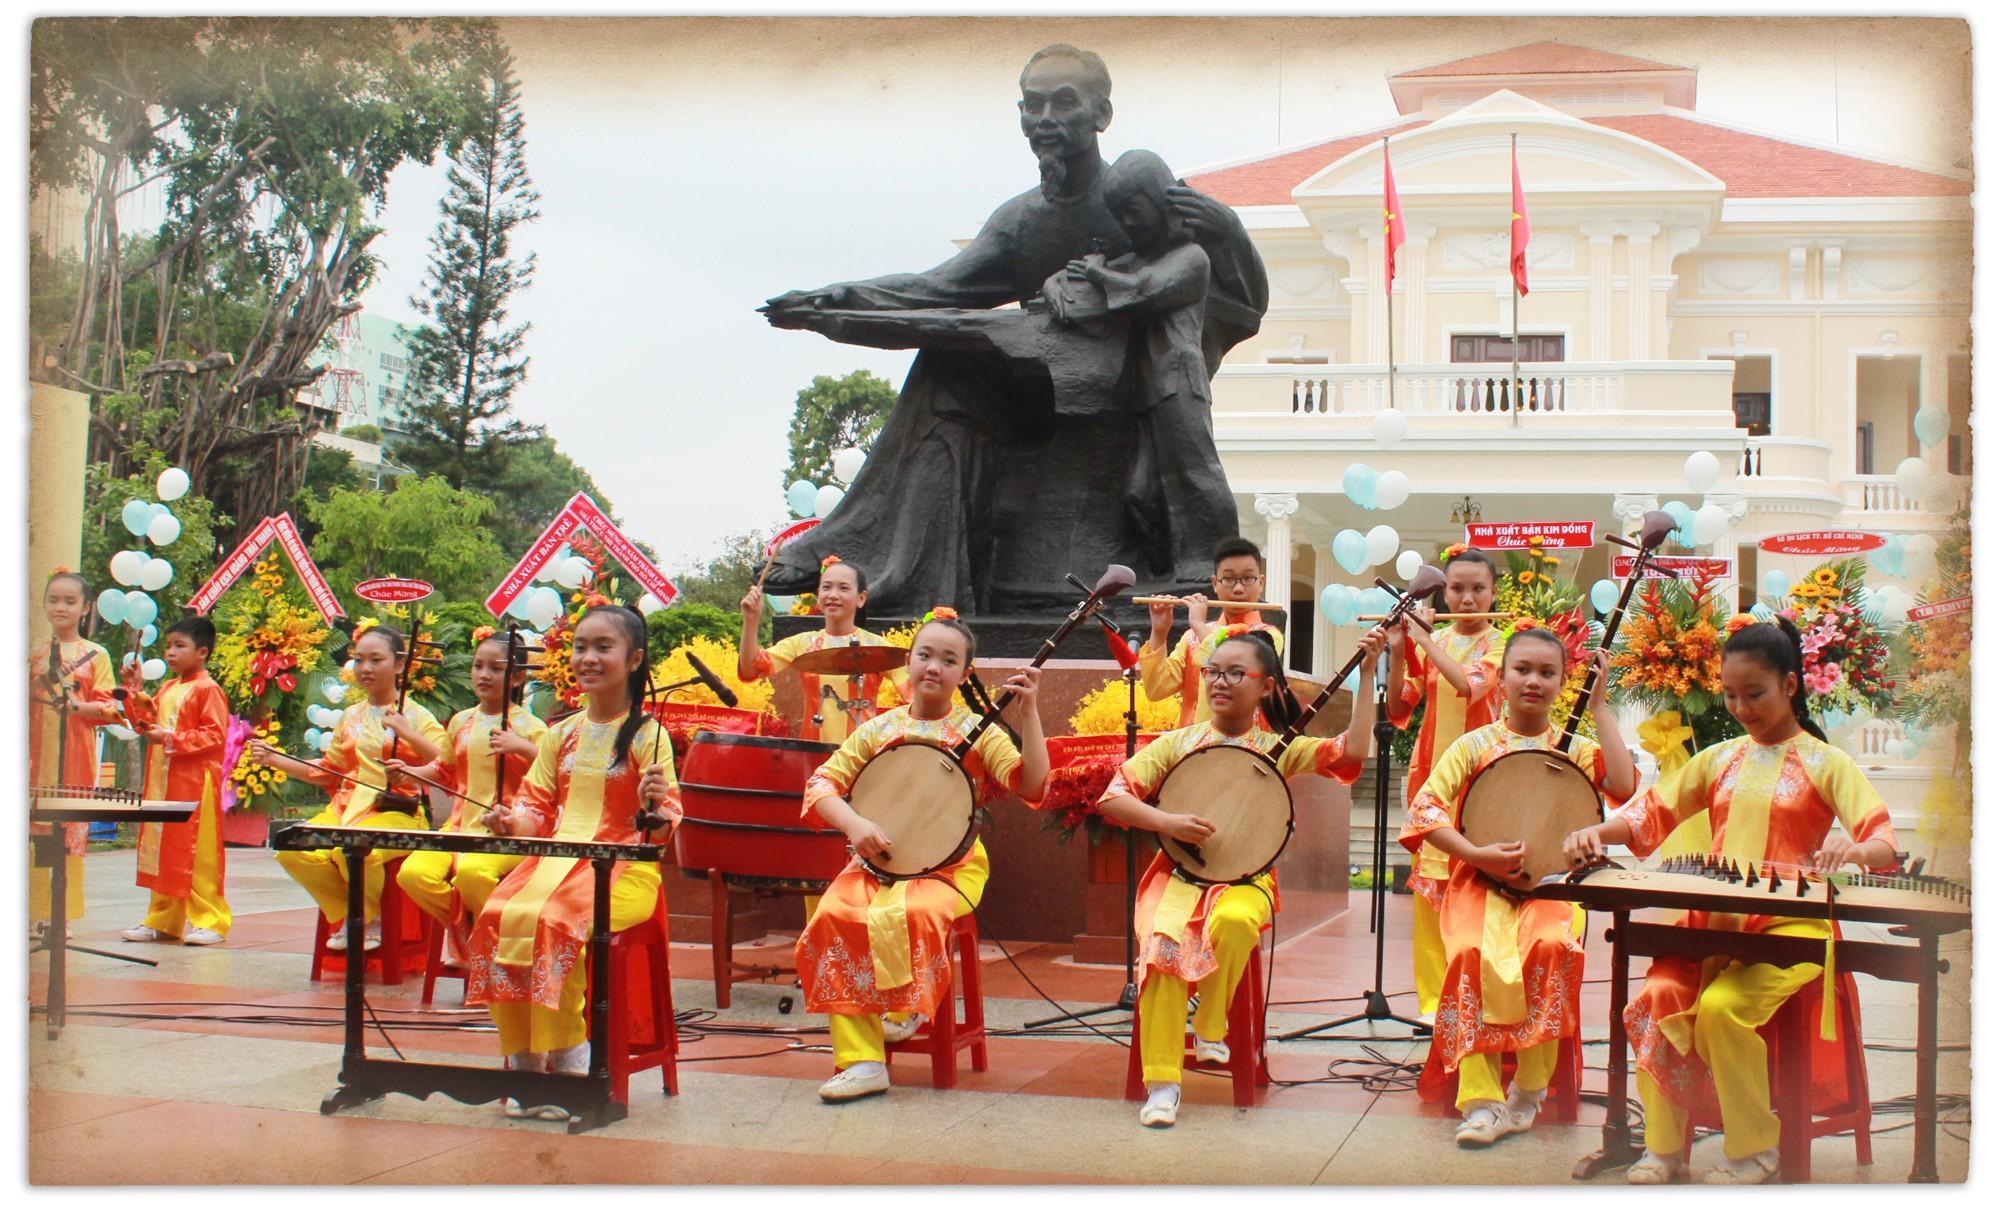 Di chúc của Chủ tịch Hồ Chí Minh: Như ngọn đuốc soi đường cho dân tộc - Ảnh 3.